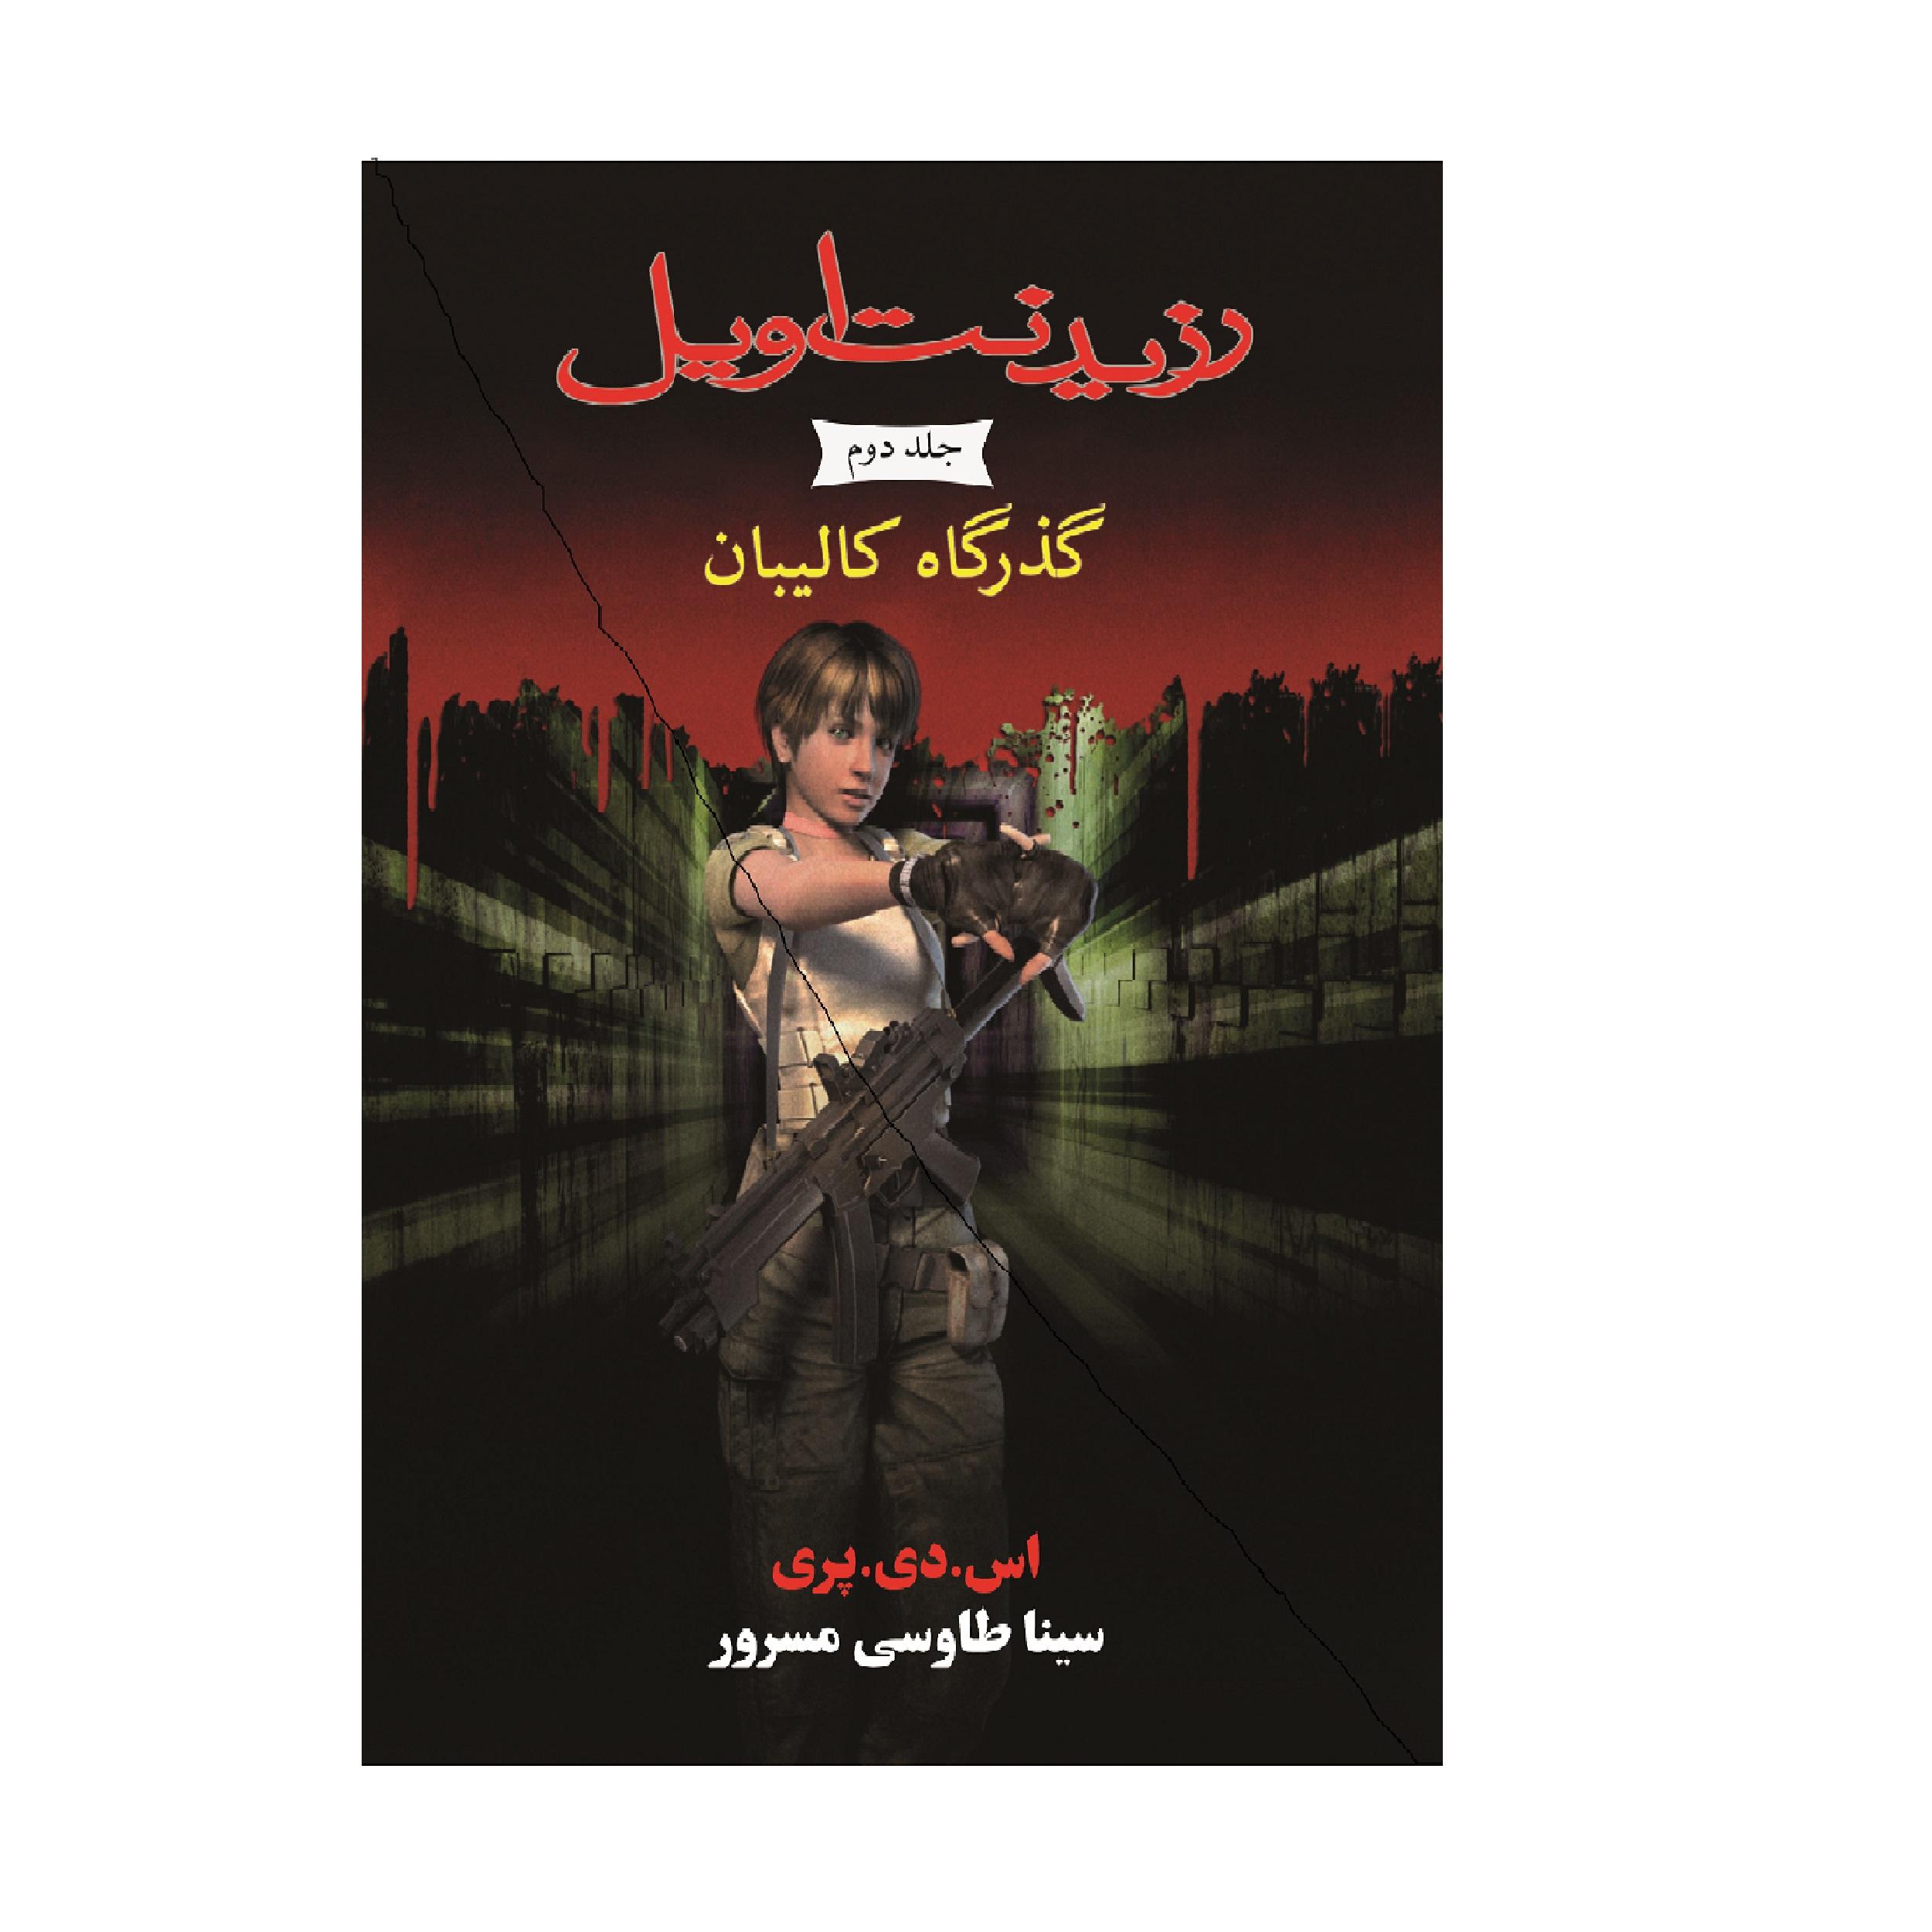 خرید                      کتاب رزیدنت اویل گذرگاه کالیبان جلد دوم اثر اس.دی.پری انتشارات آذرباد